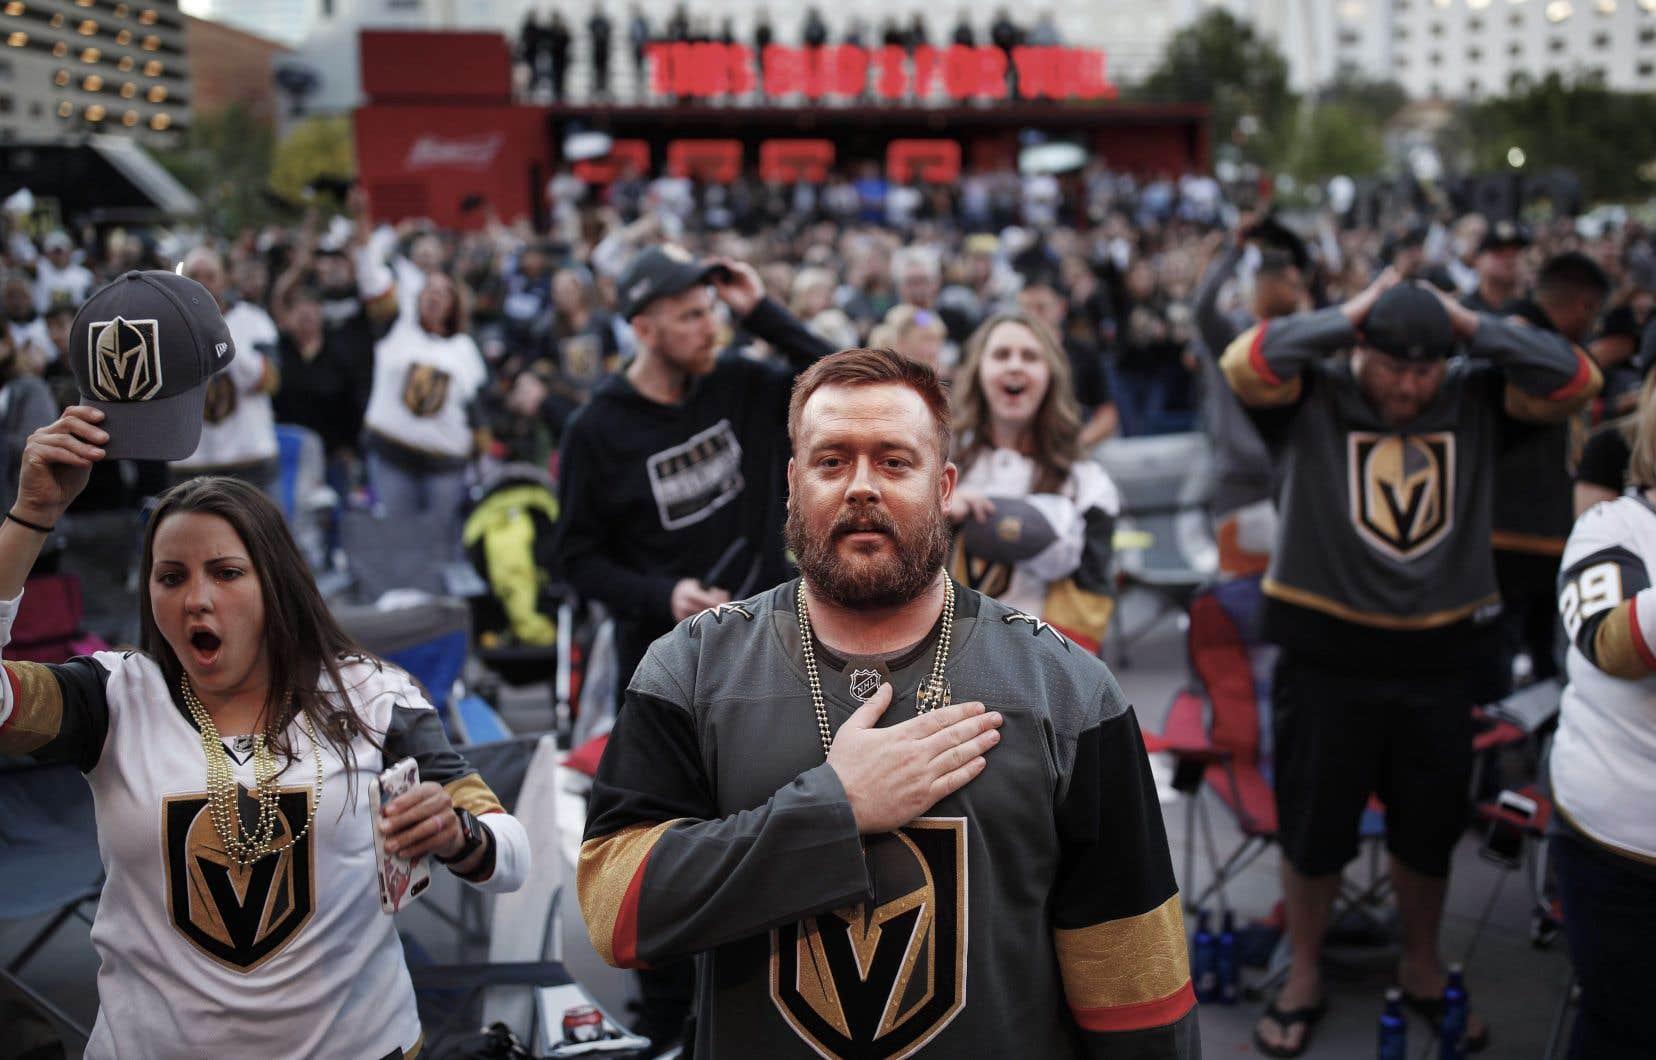 Il y a encore un an, les Golden Knights n'existaient pas; même leur propriétaire, l'homme d'affaires Bill Foley, ne les voyait pas viser le titre avant quatre ou cinq saisons.